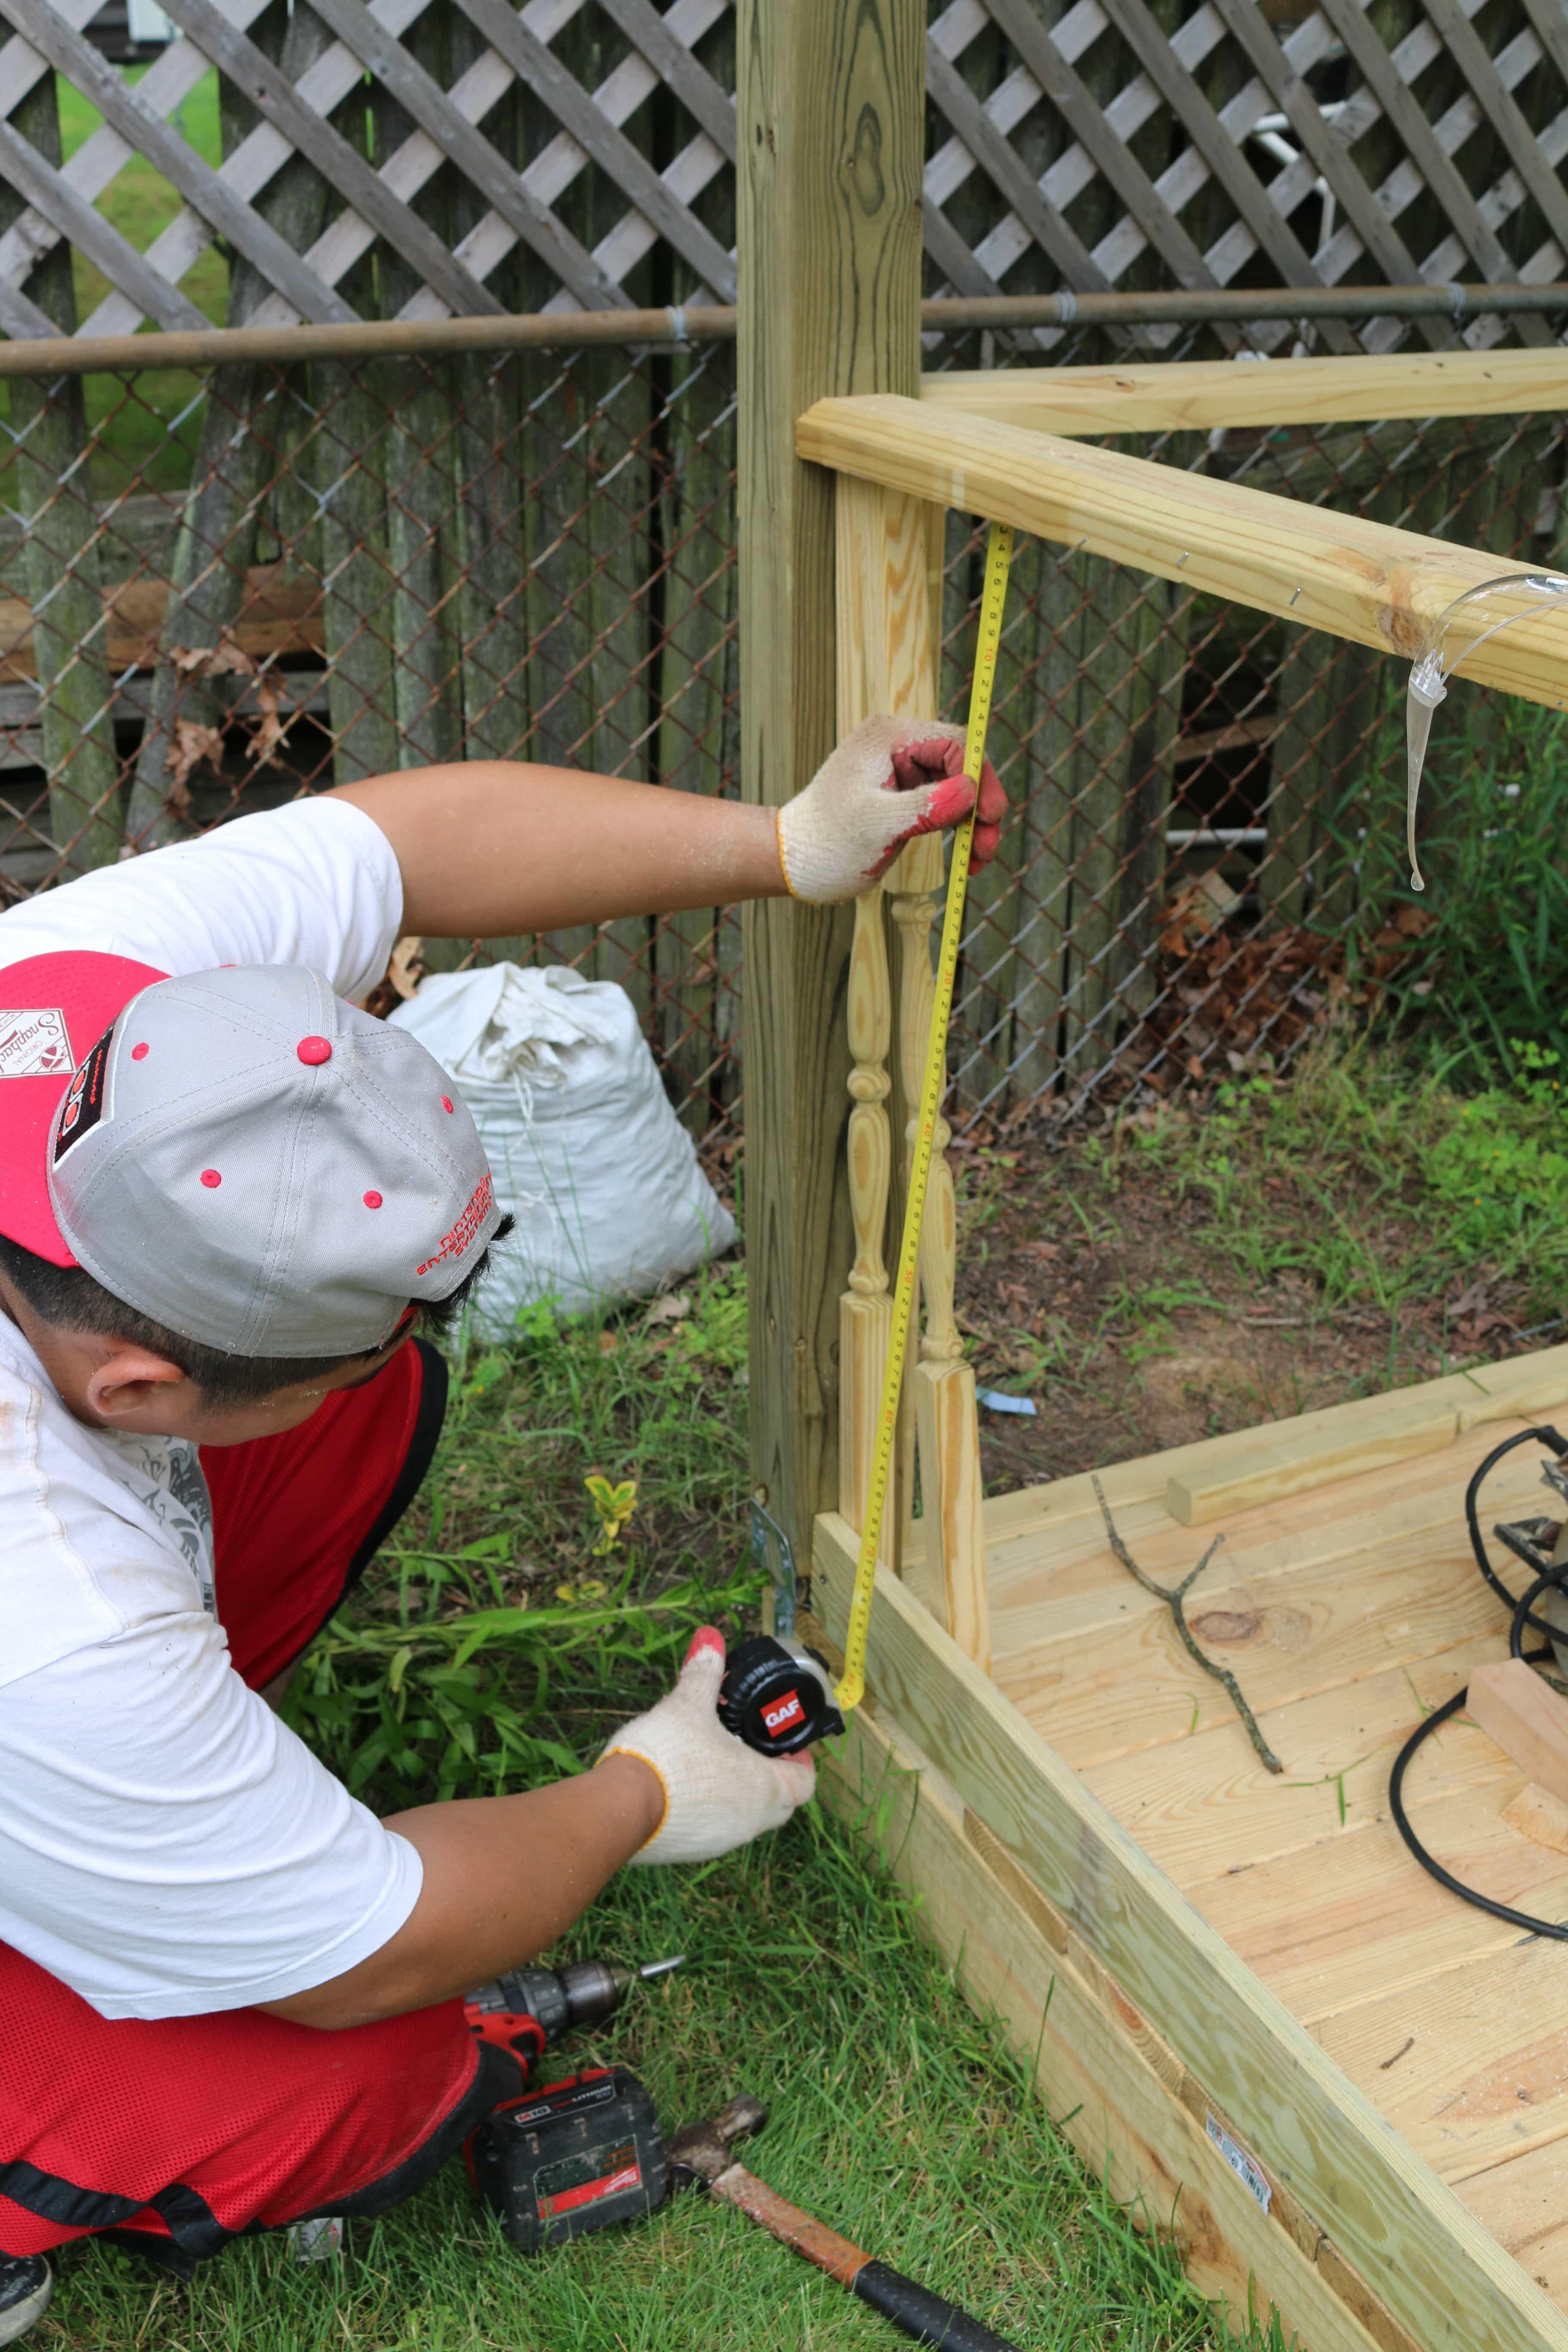 9 e1523620198918 - Cómo construir una casita de juegos para el jardín